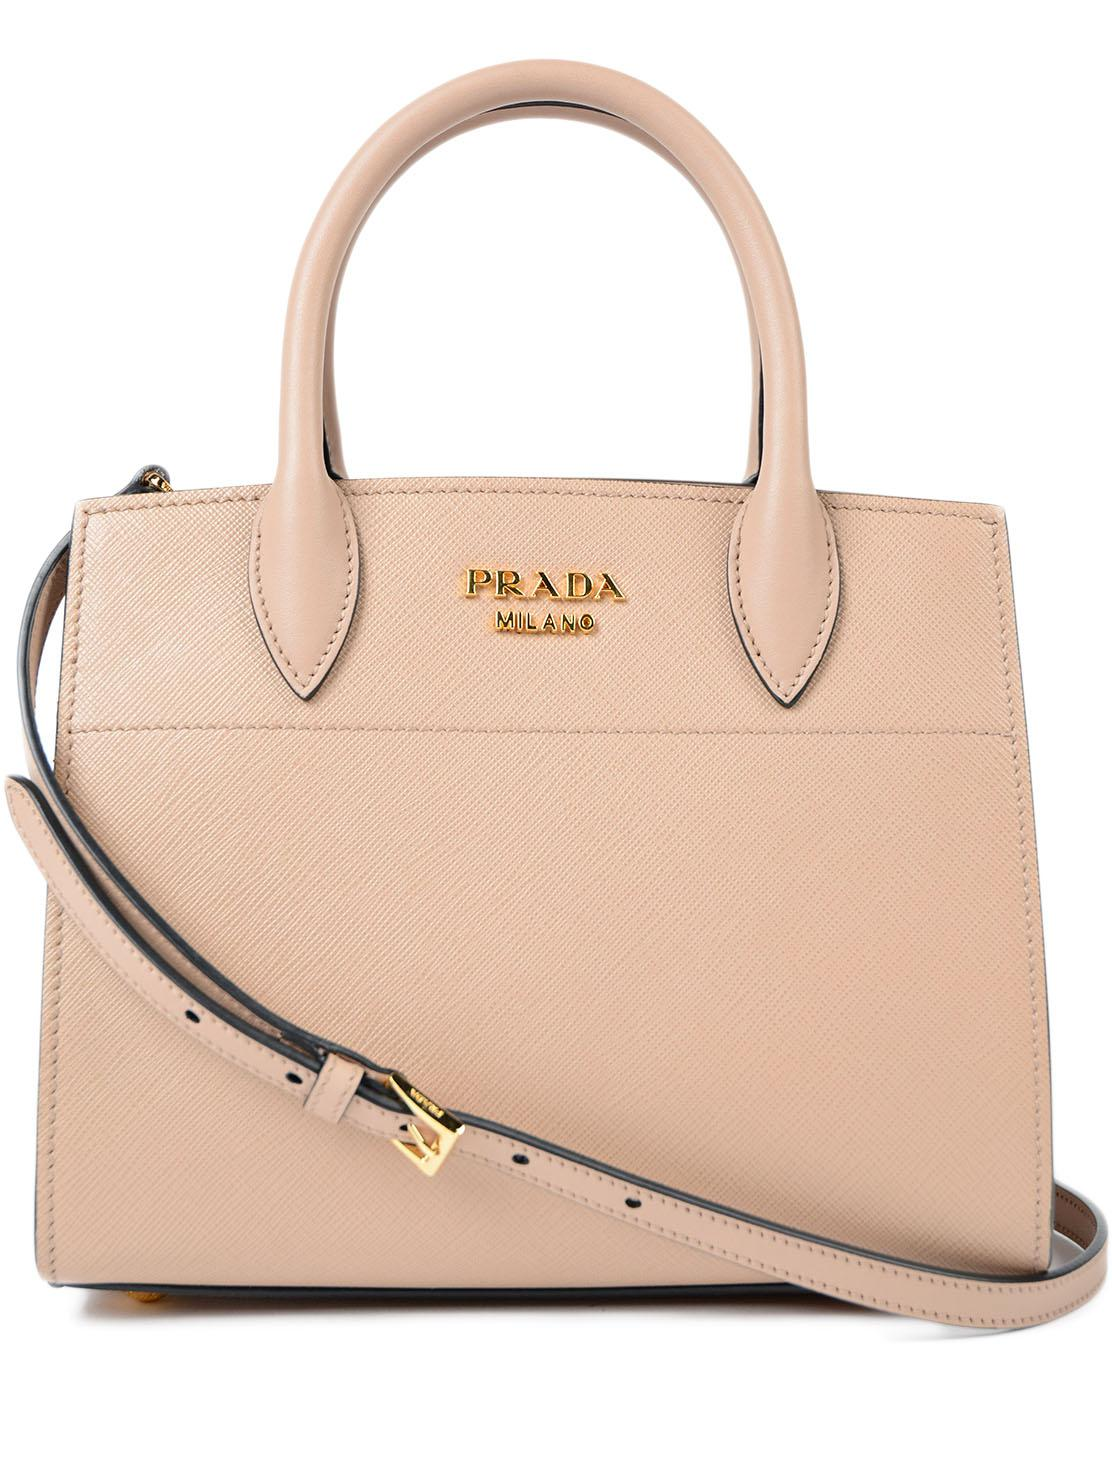 b14314afa76125 Prada Saffiano+city Calf Bibliotheque Handbag - Lyst